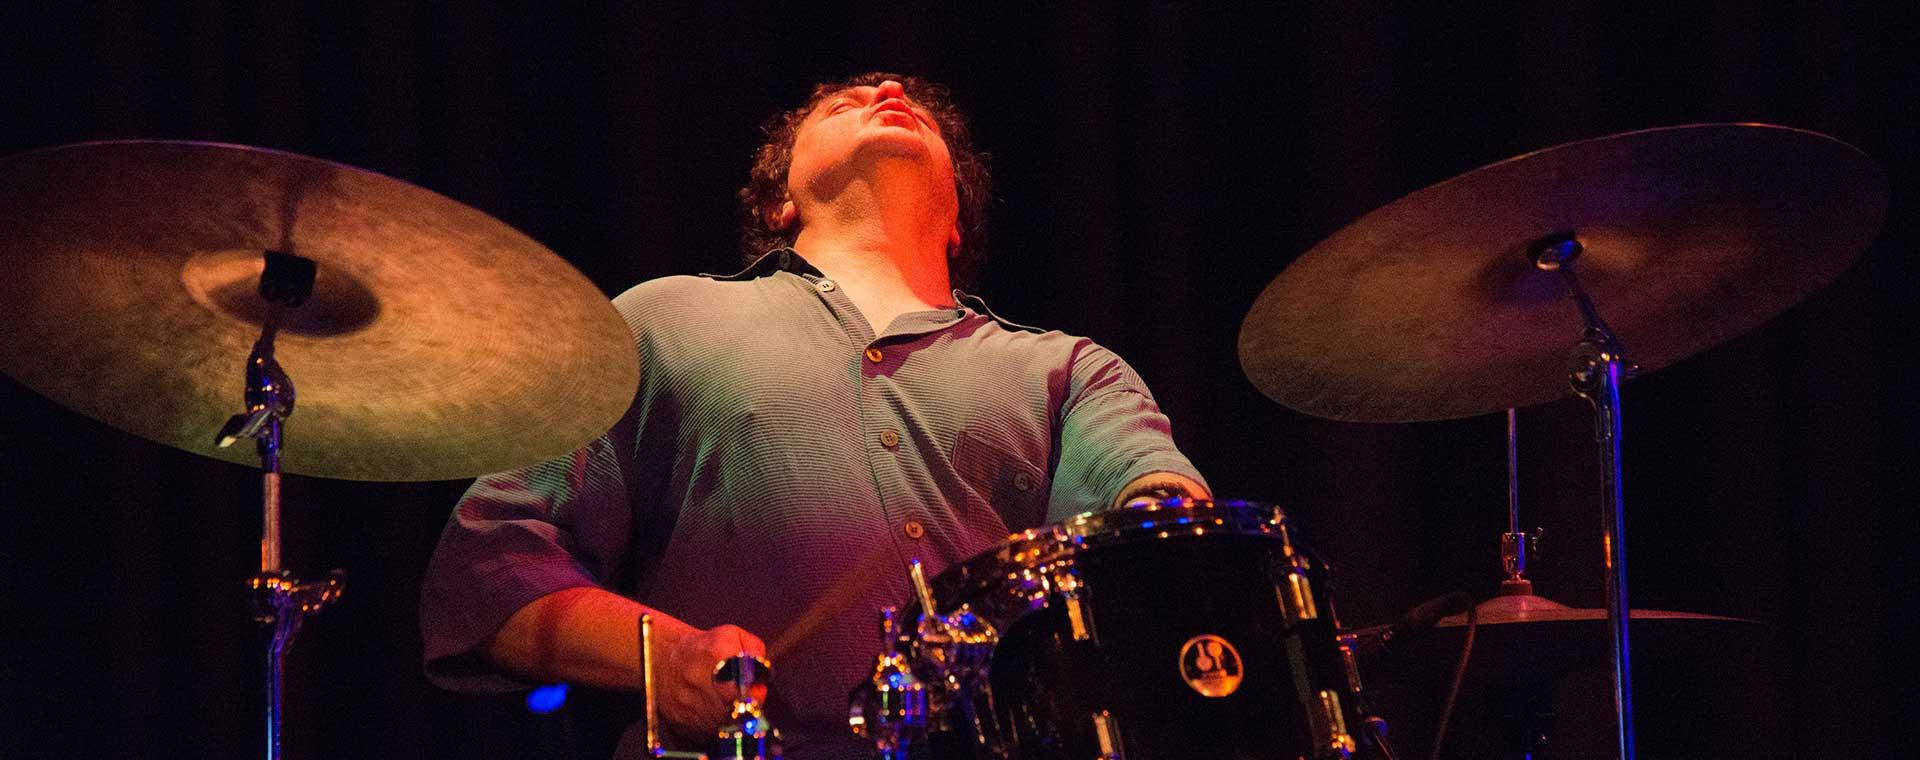 Claudio Wilner - Drums (Foto: Sabine Klem)